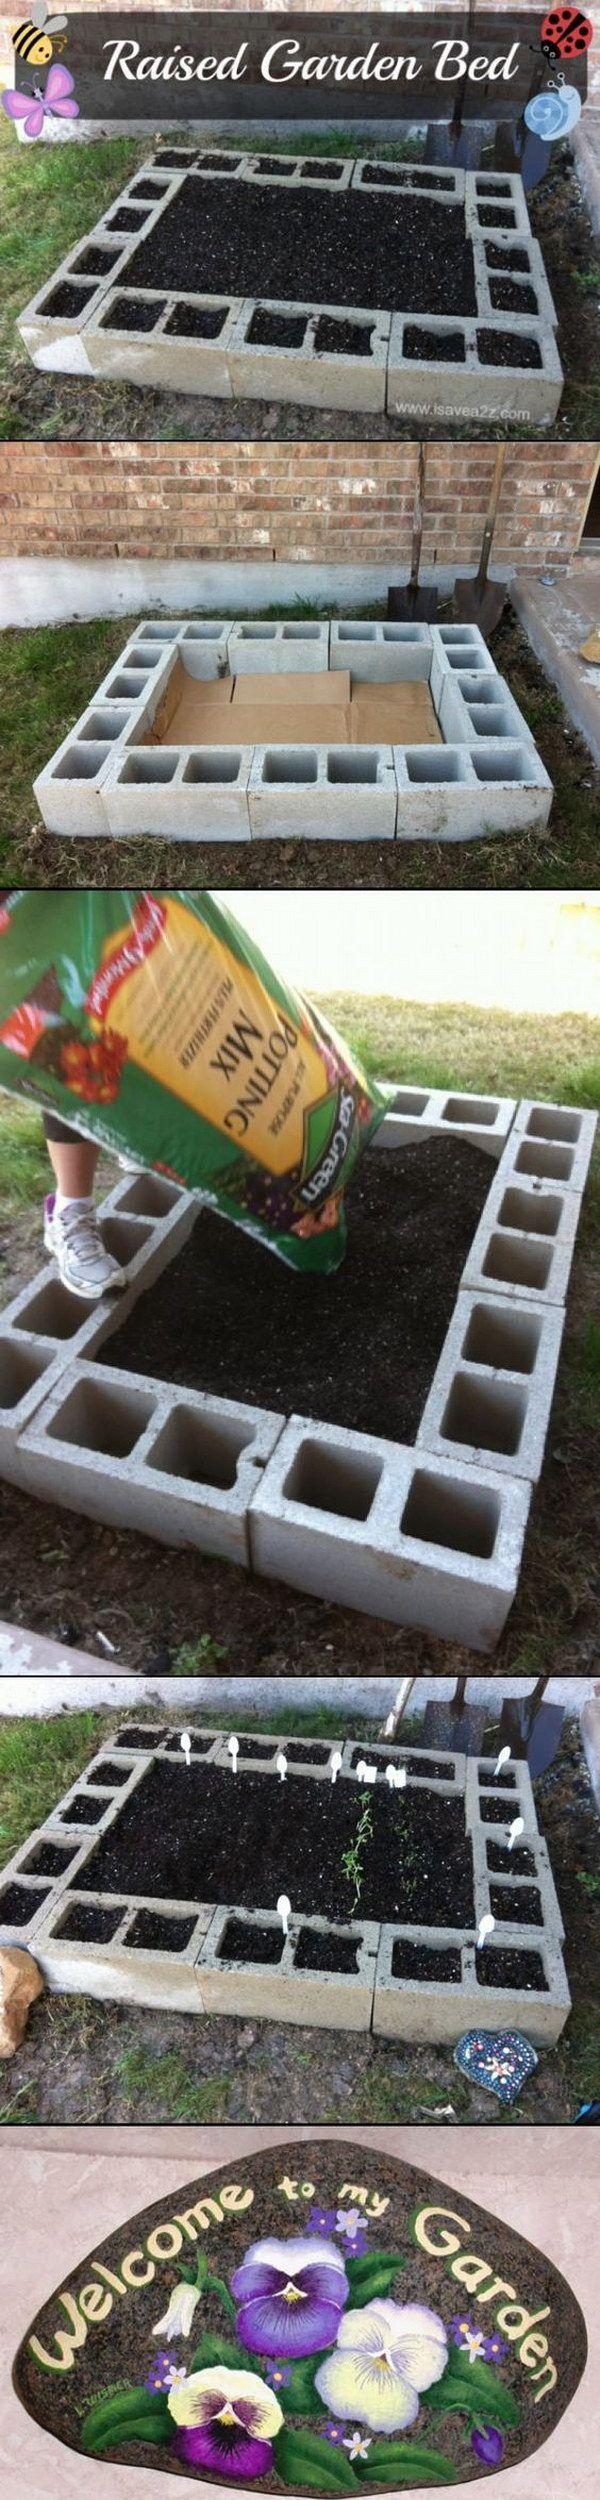 Tolle Ideen, die jeder Gartenliebhaber wissen sollte #patioplants